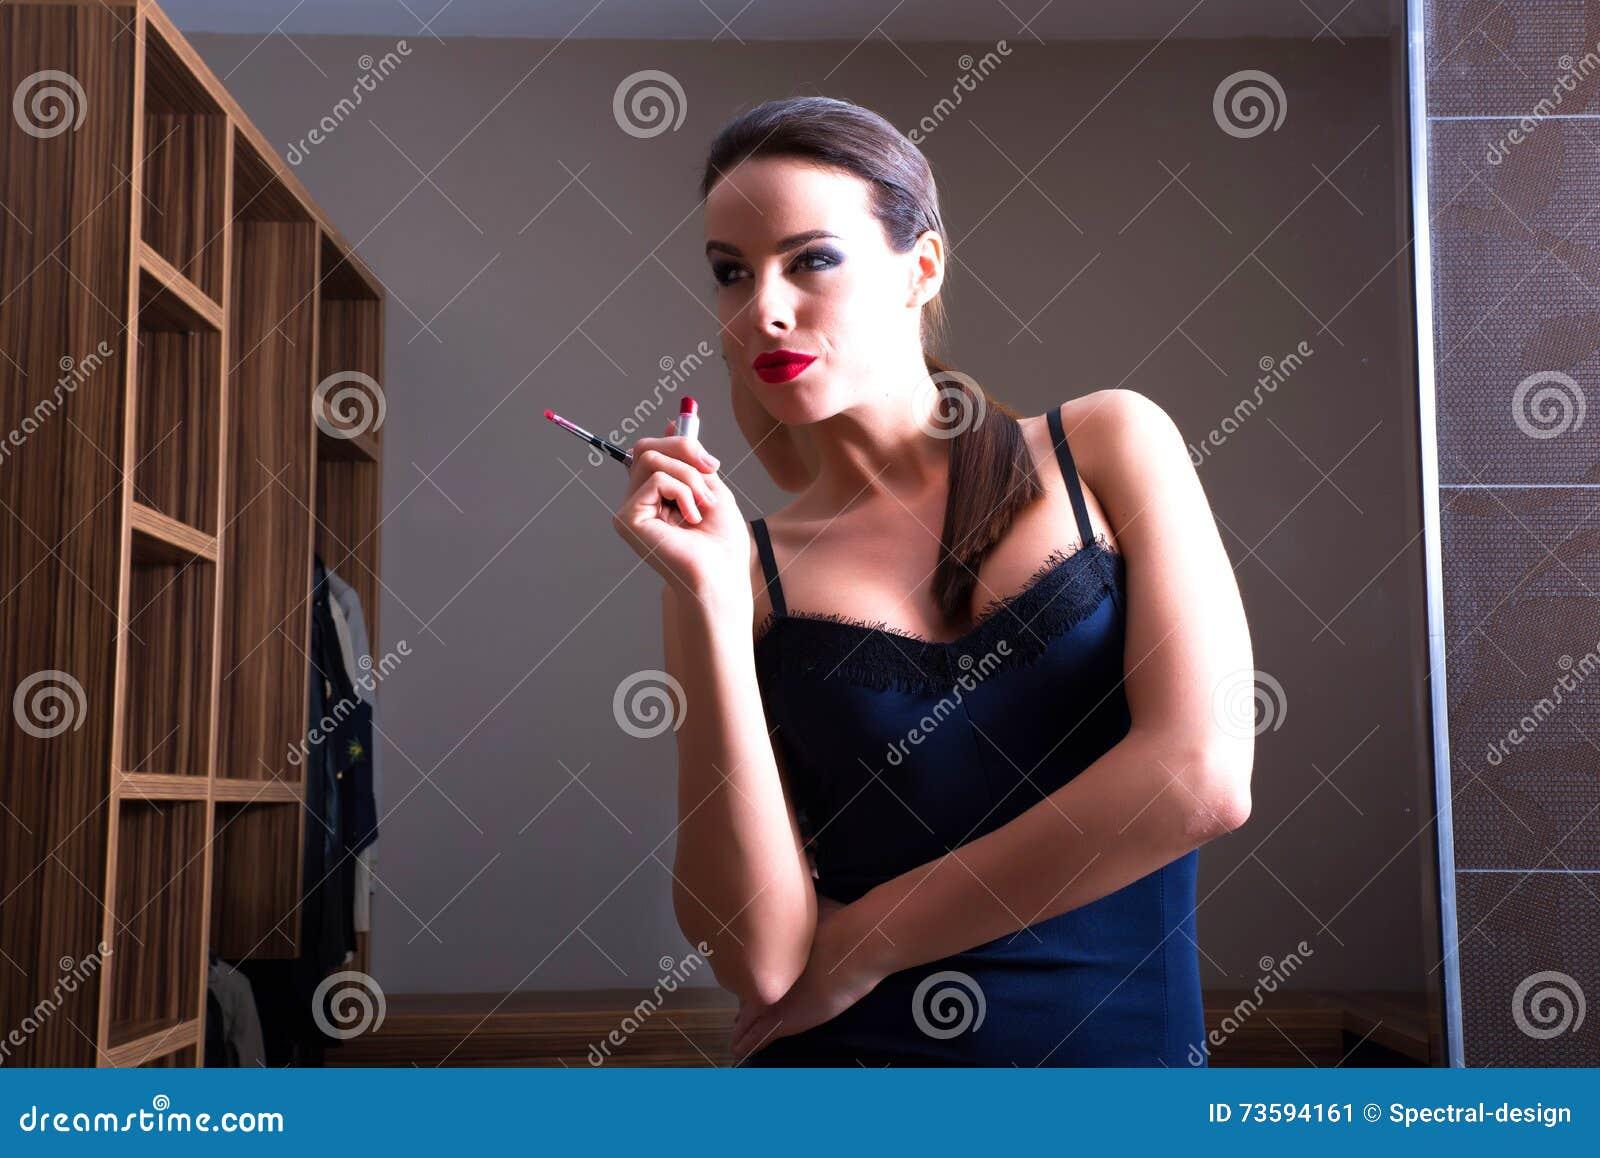 Девушка перед зеркалом в нижнем белье фото